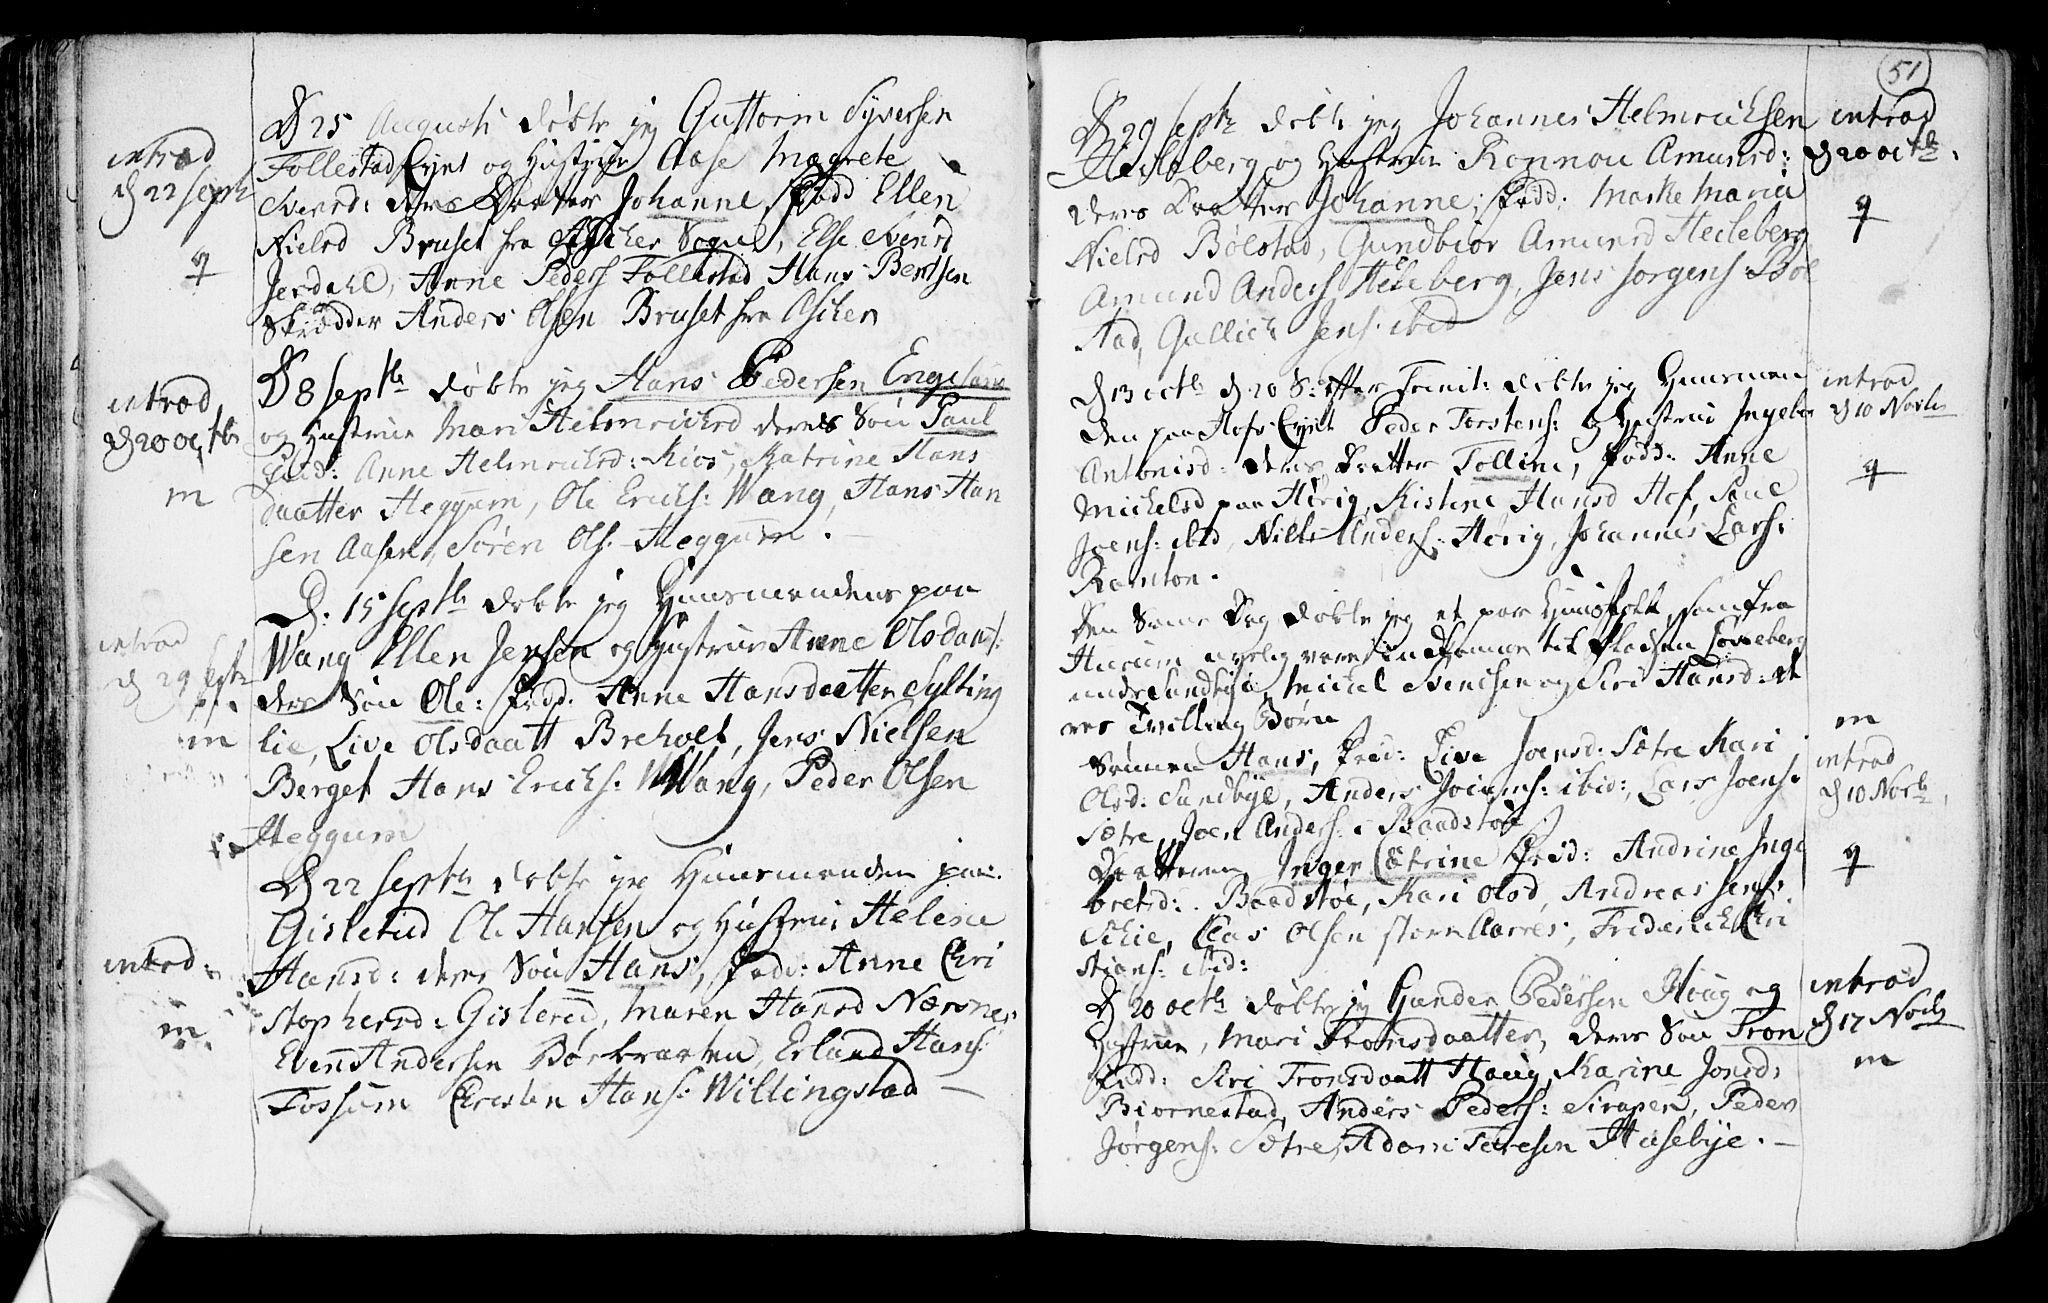 SAKO, Røyken kirkebøker, F/Fa/L0003: Ministerialbok nr. 3, 1782-1813, s. 51